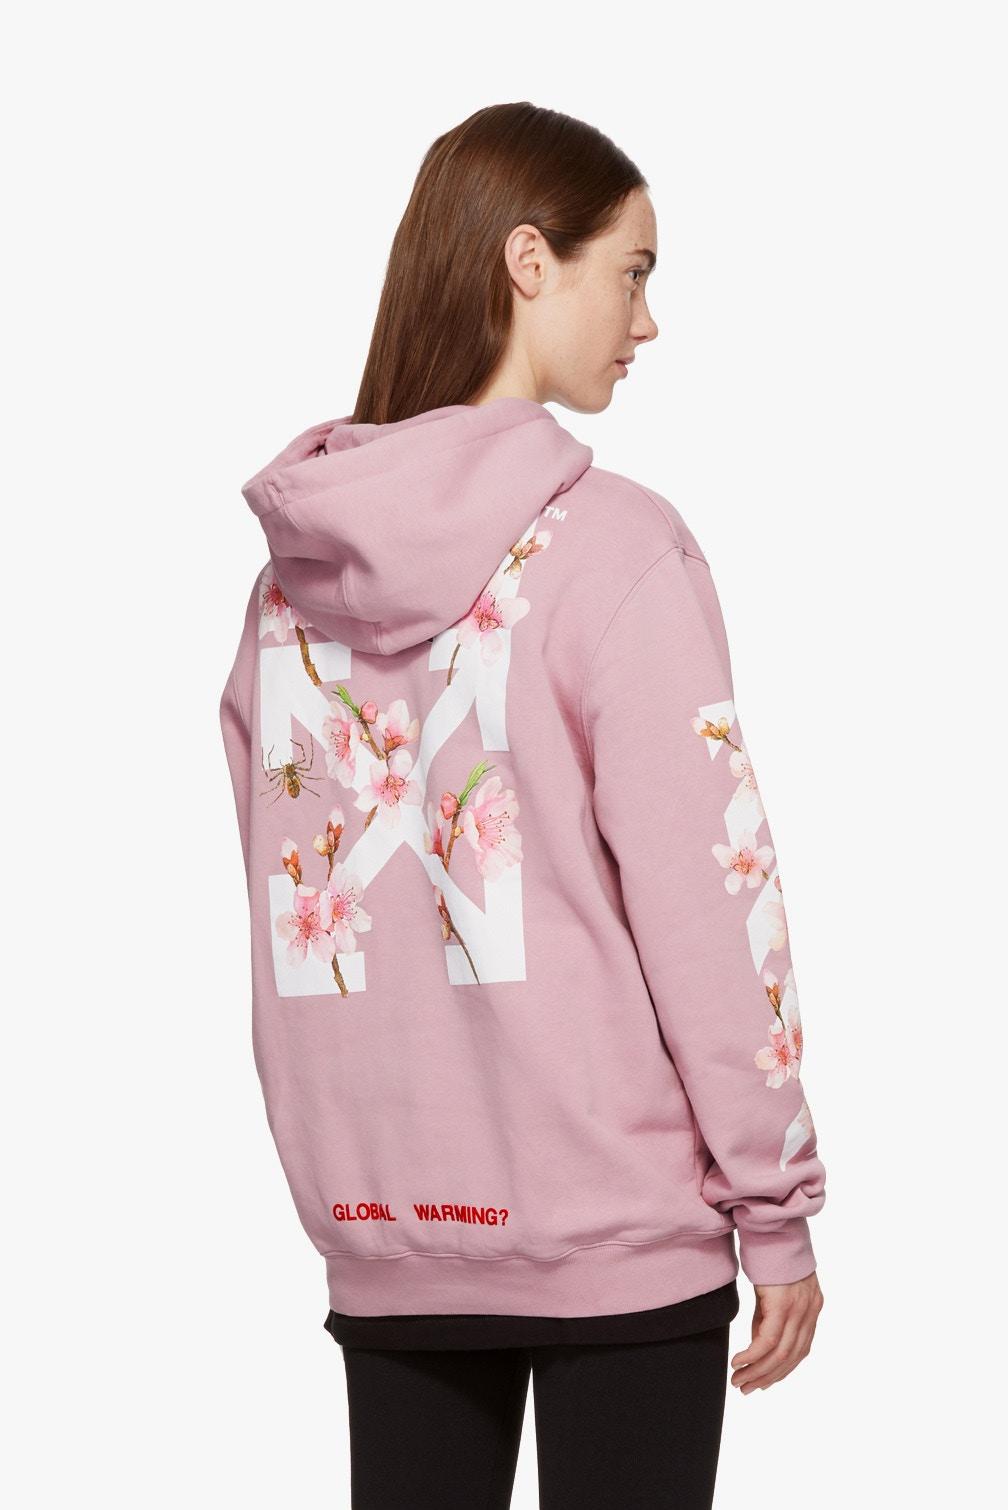 Le hoodie cherry bloom Off White  est disponible en Millenium Pink